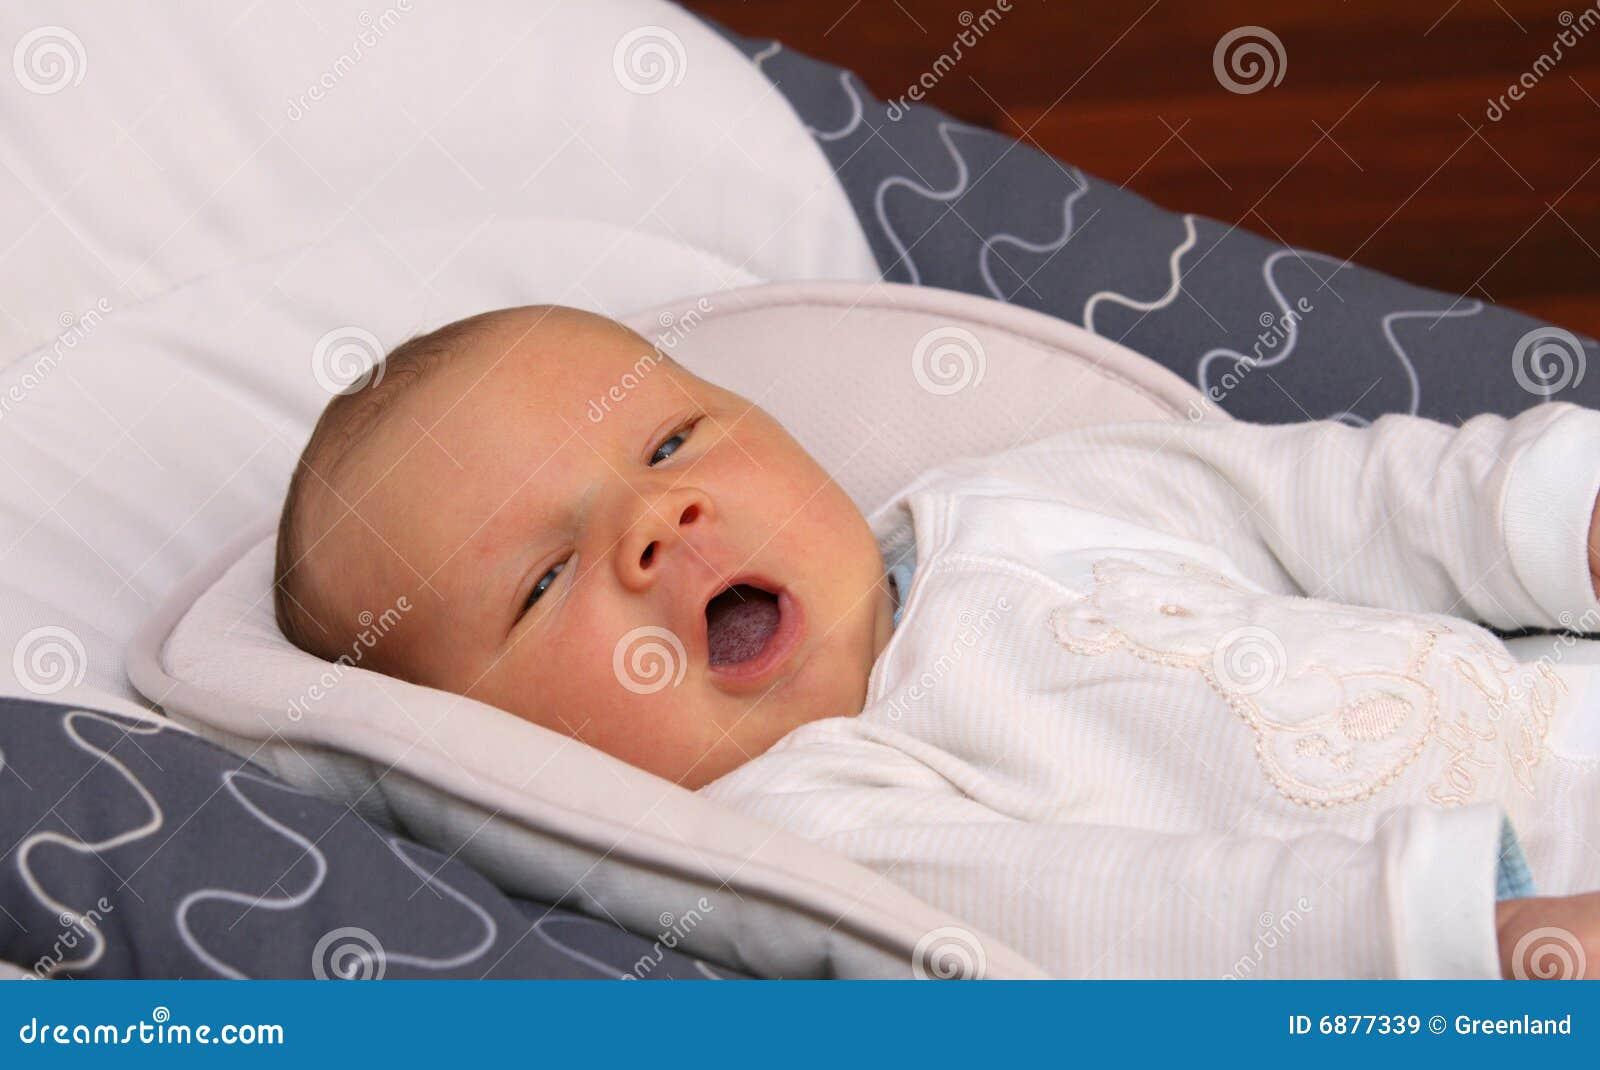 Sbadiglio appena nato del bambino immagini stock libere da for Tartarughe appena nate